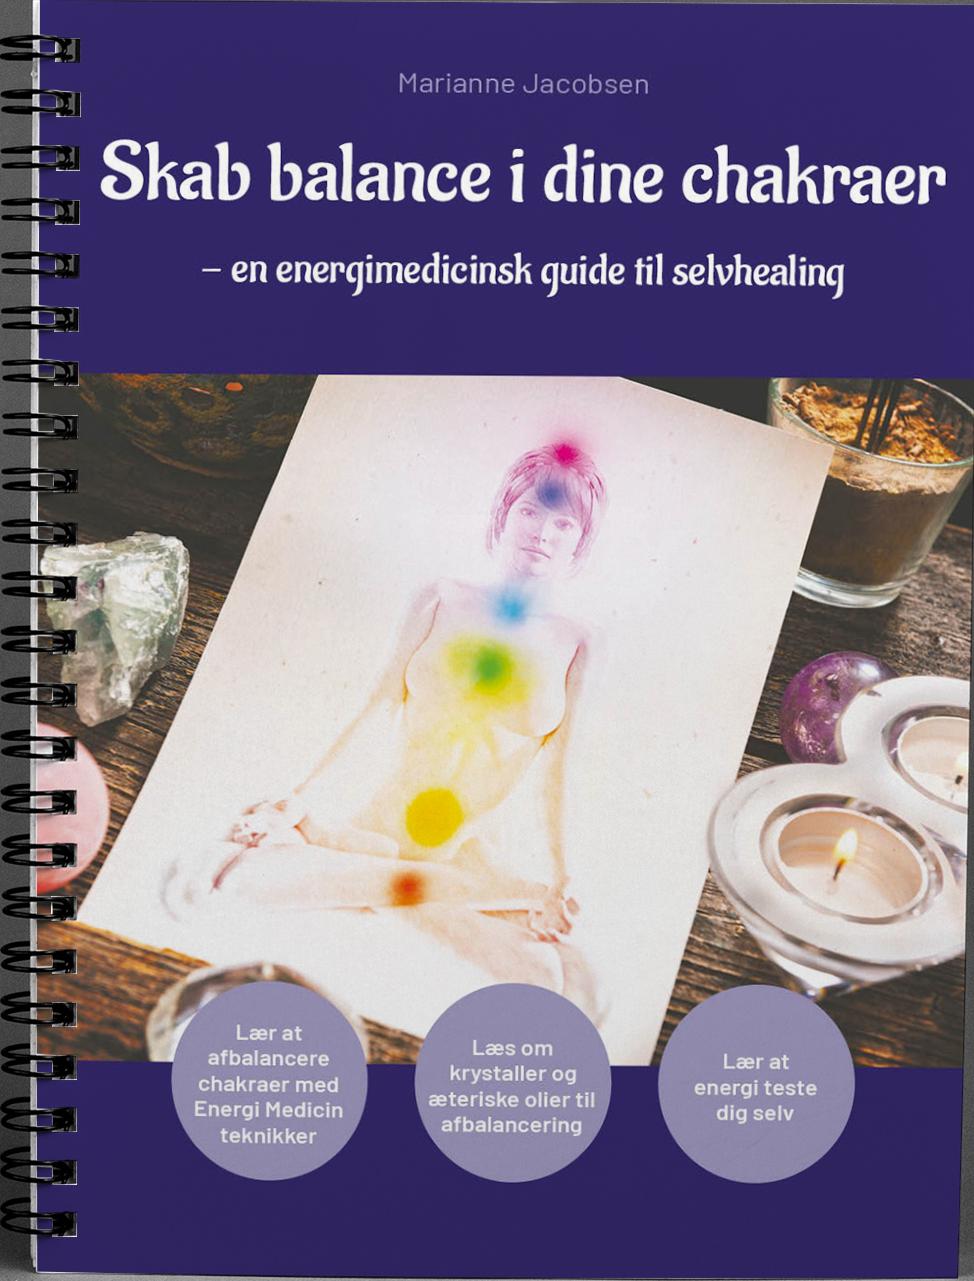 Ny bog: Skab balance i dine chakraer - energimedicinske teknikker til selvhealing